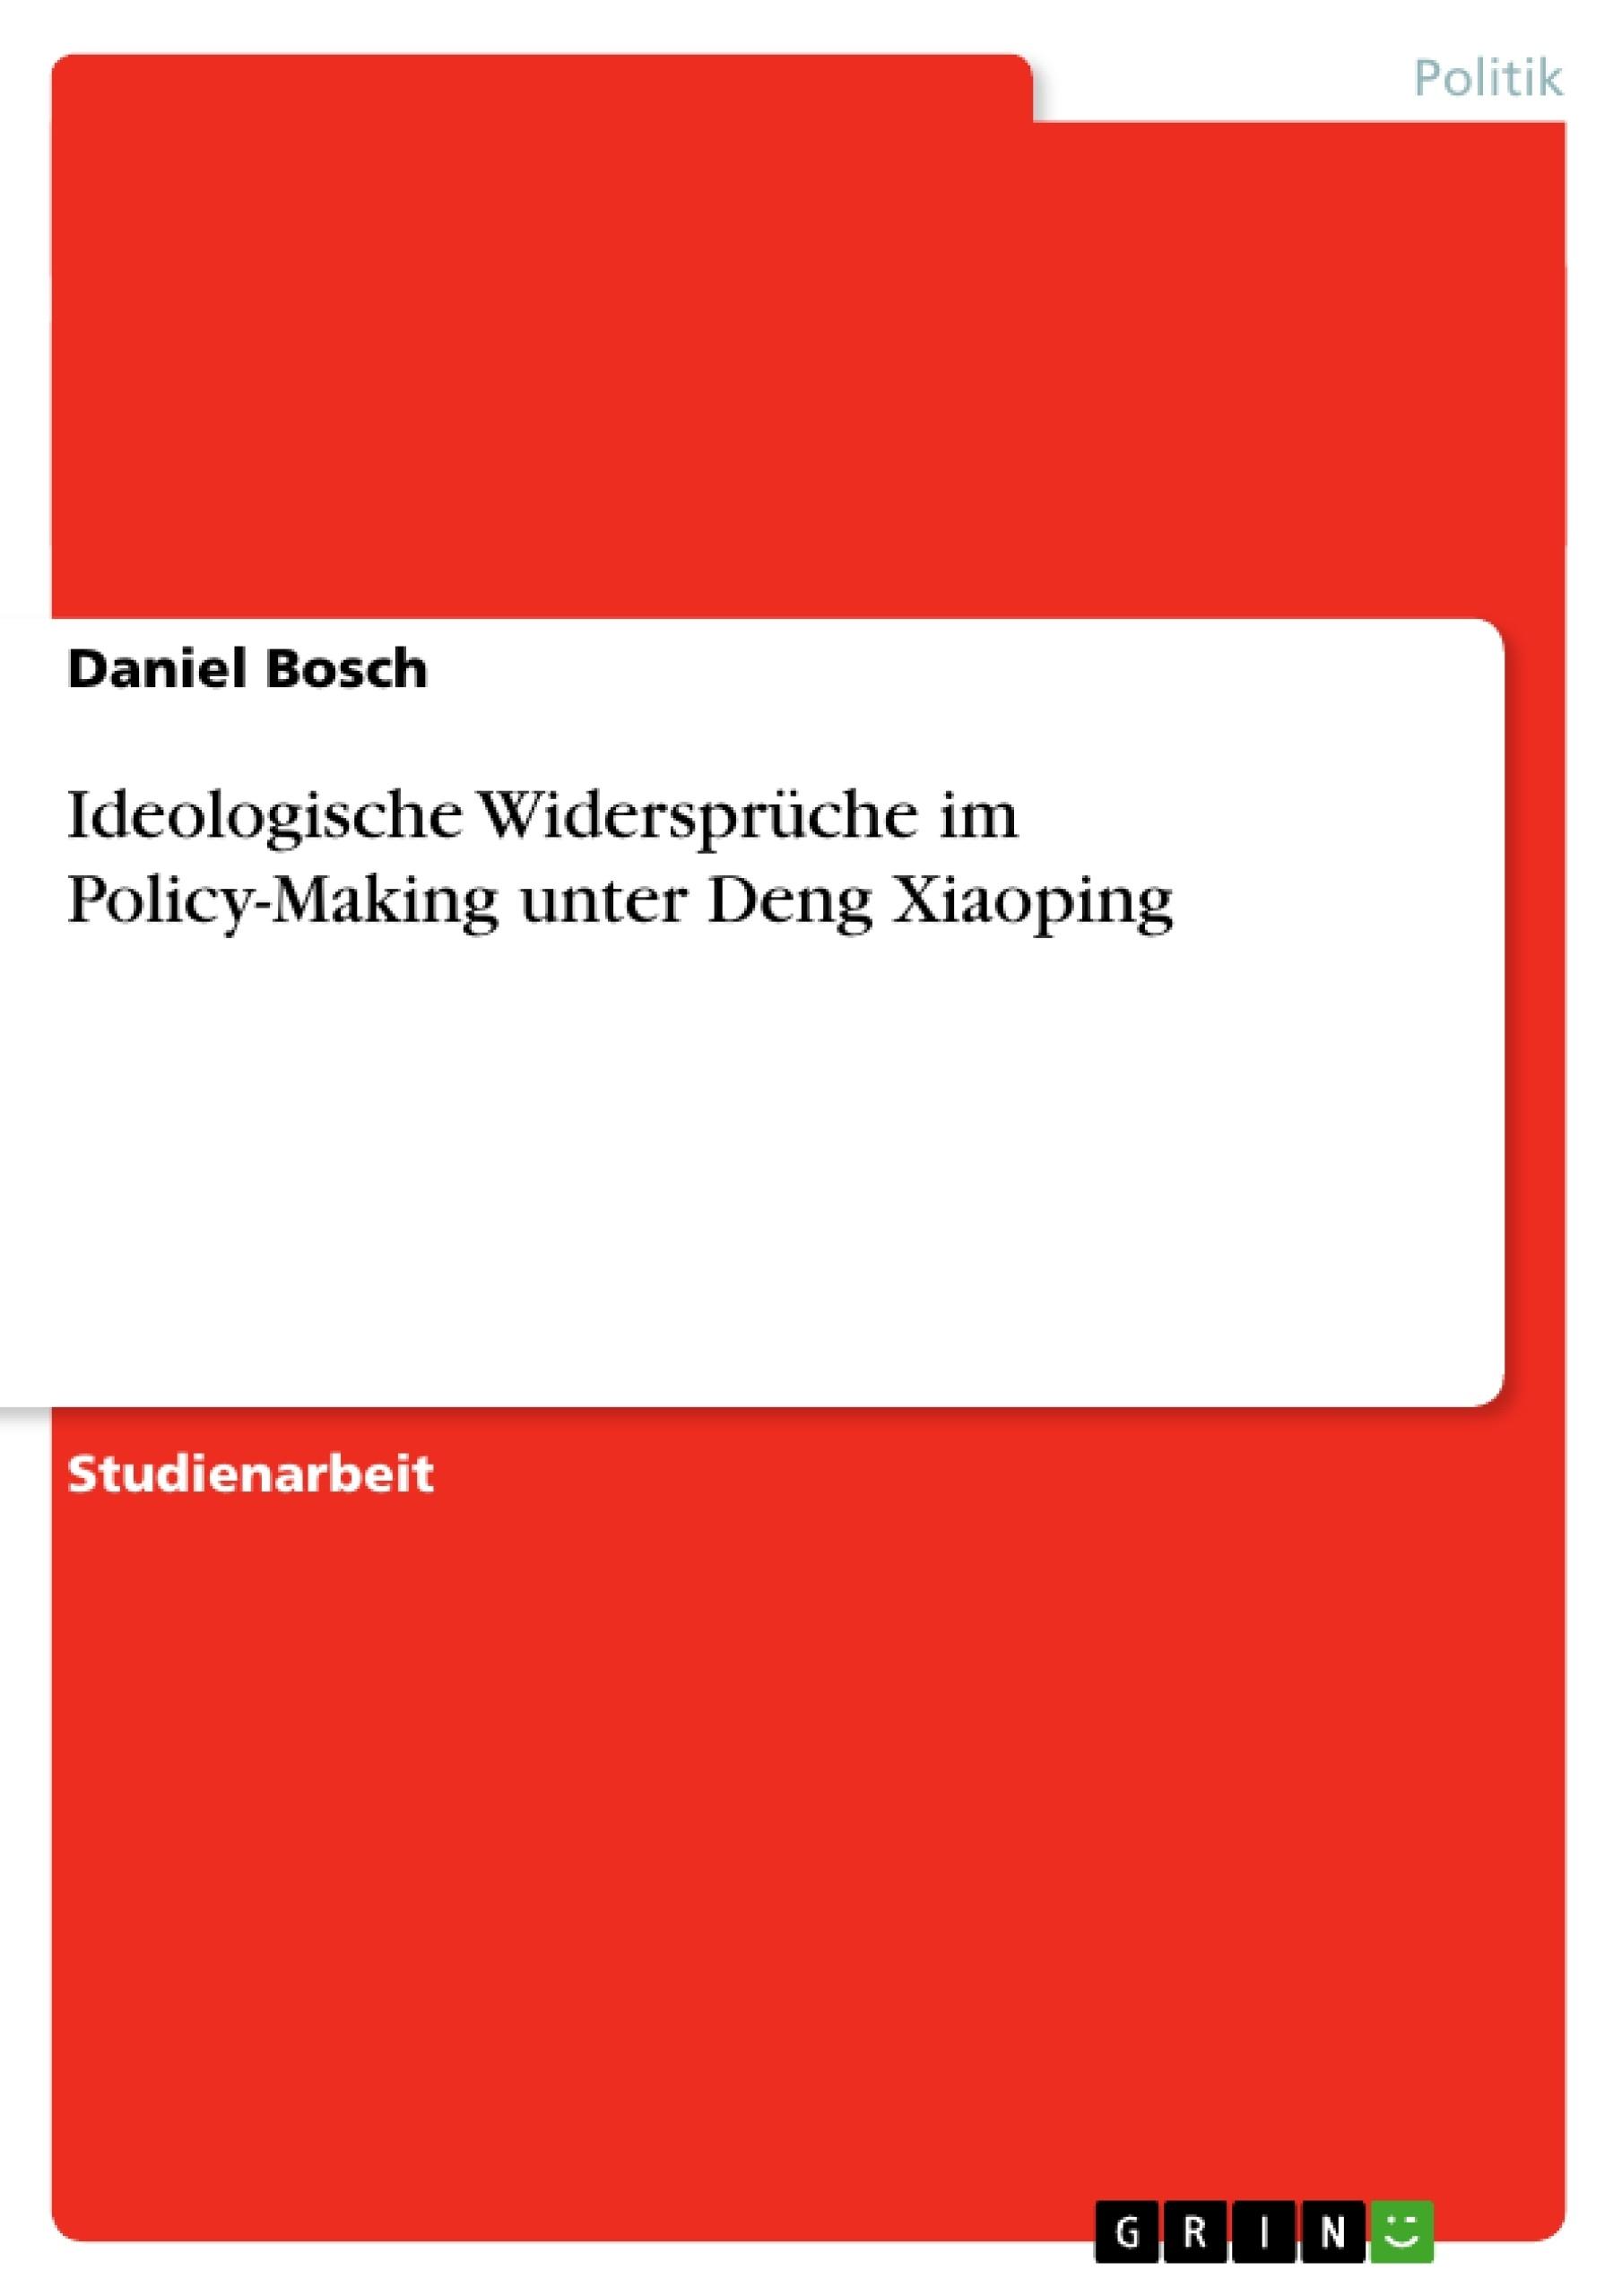 Titel: Ideologische Widersprüche im Policy-Making unter Deng Xiaoping